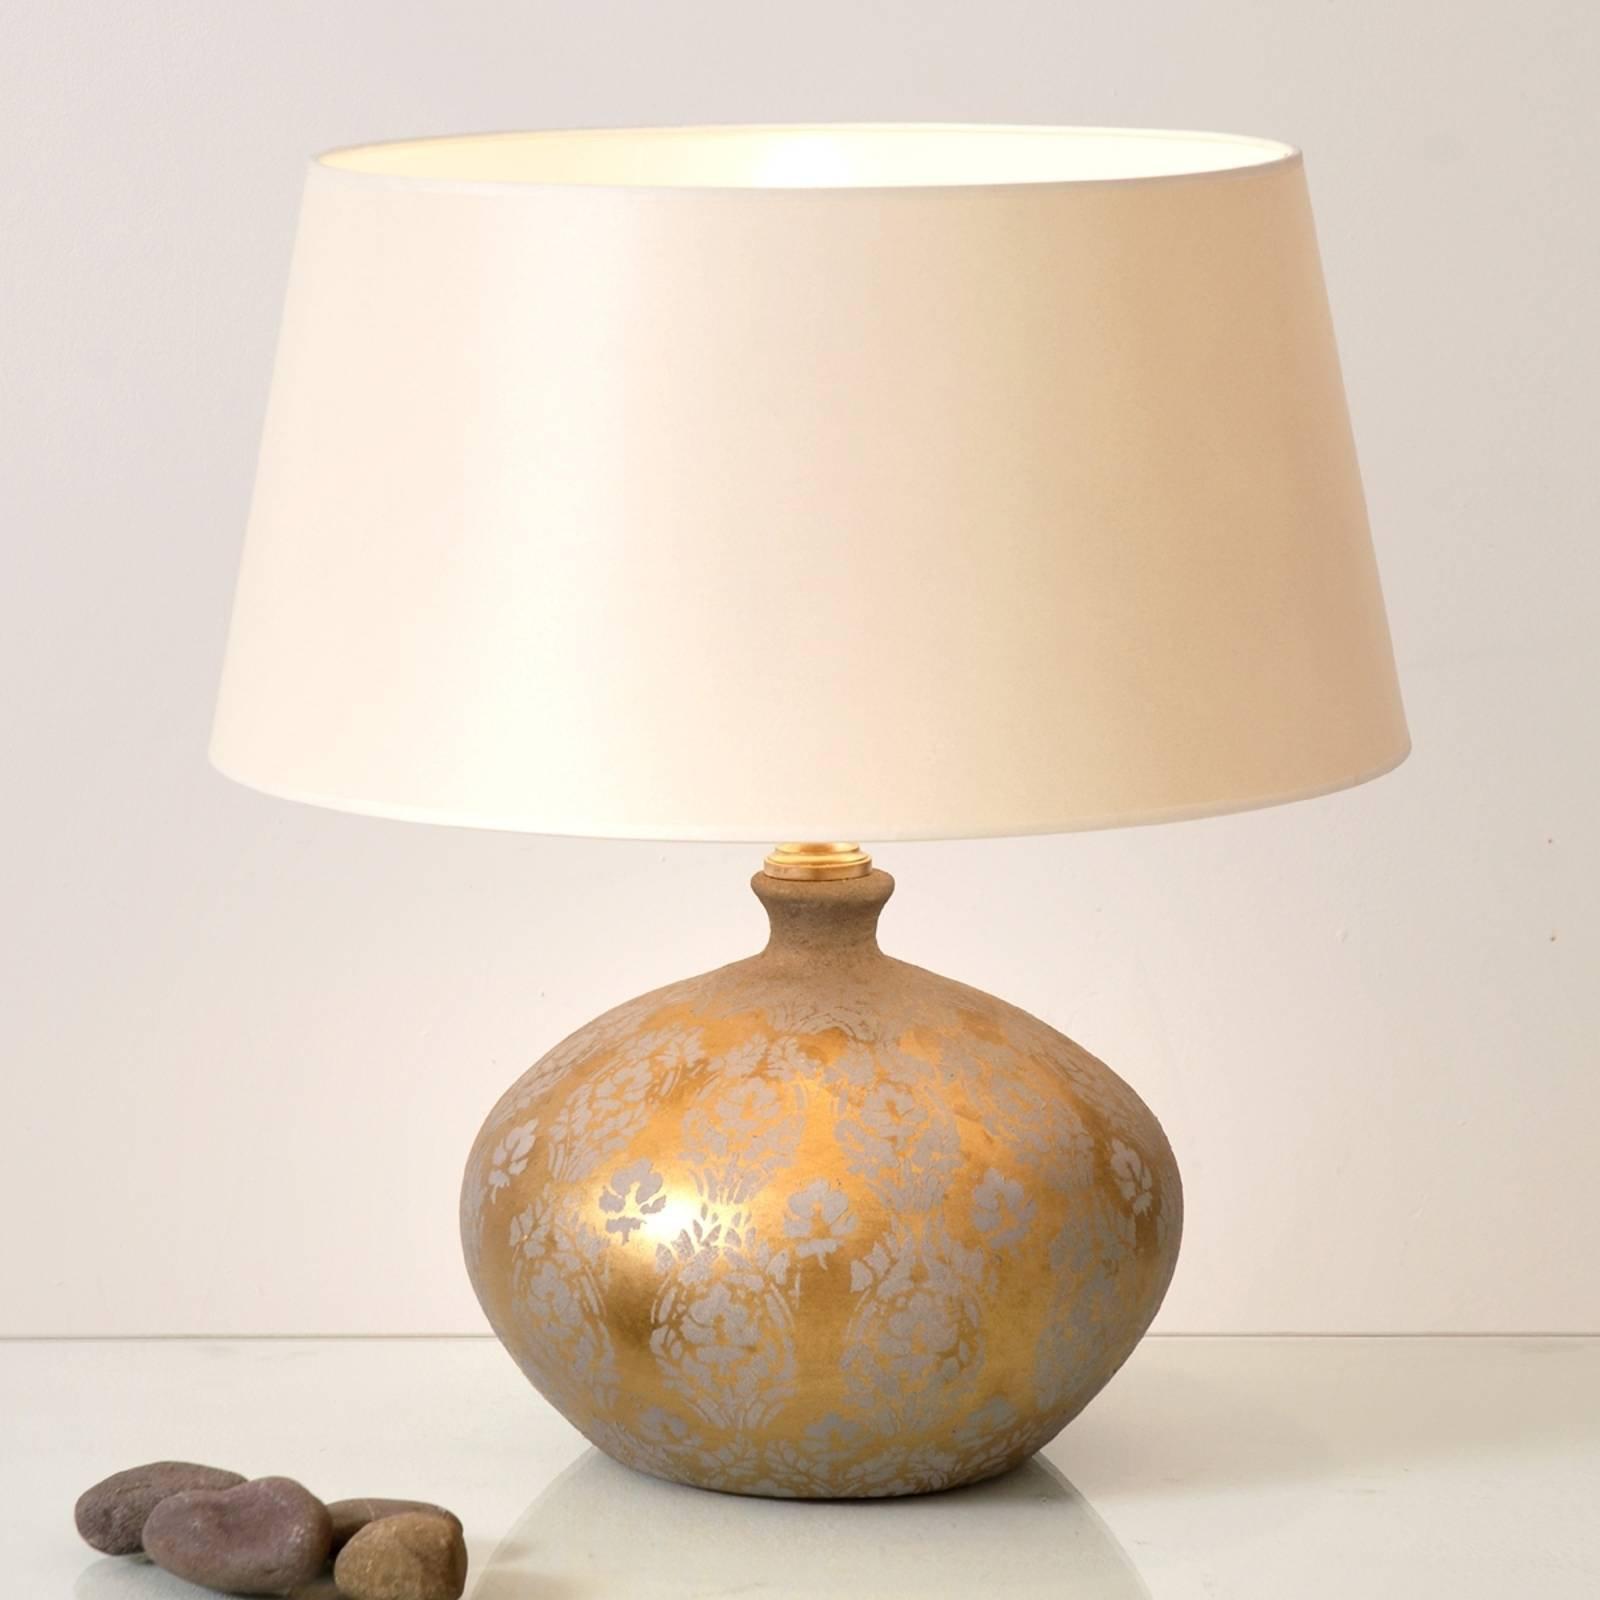 Bordlampe Vaso Barocco, høyde 44 cm